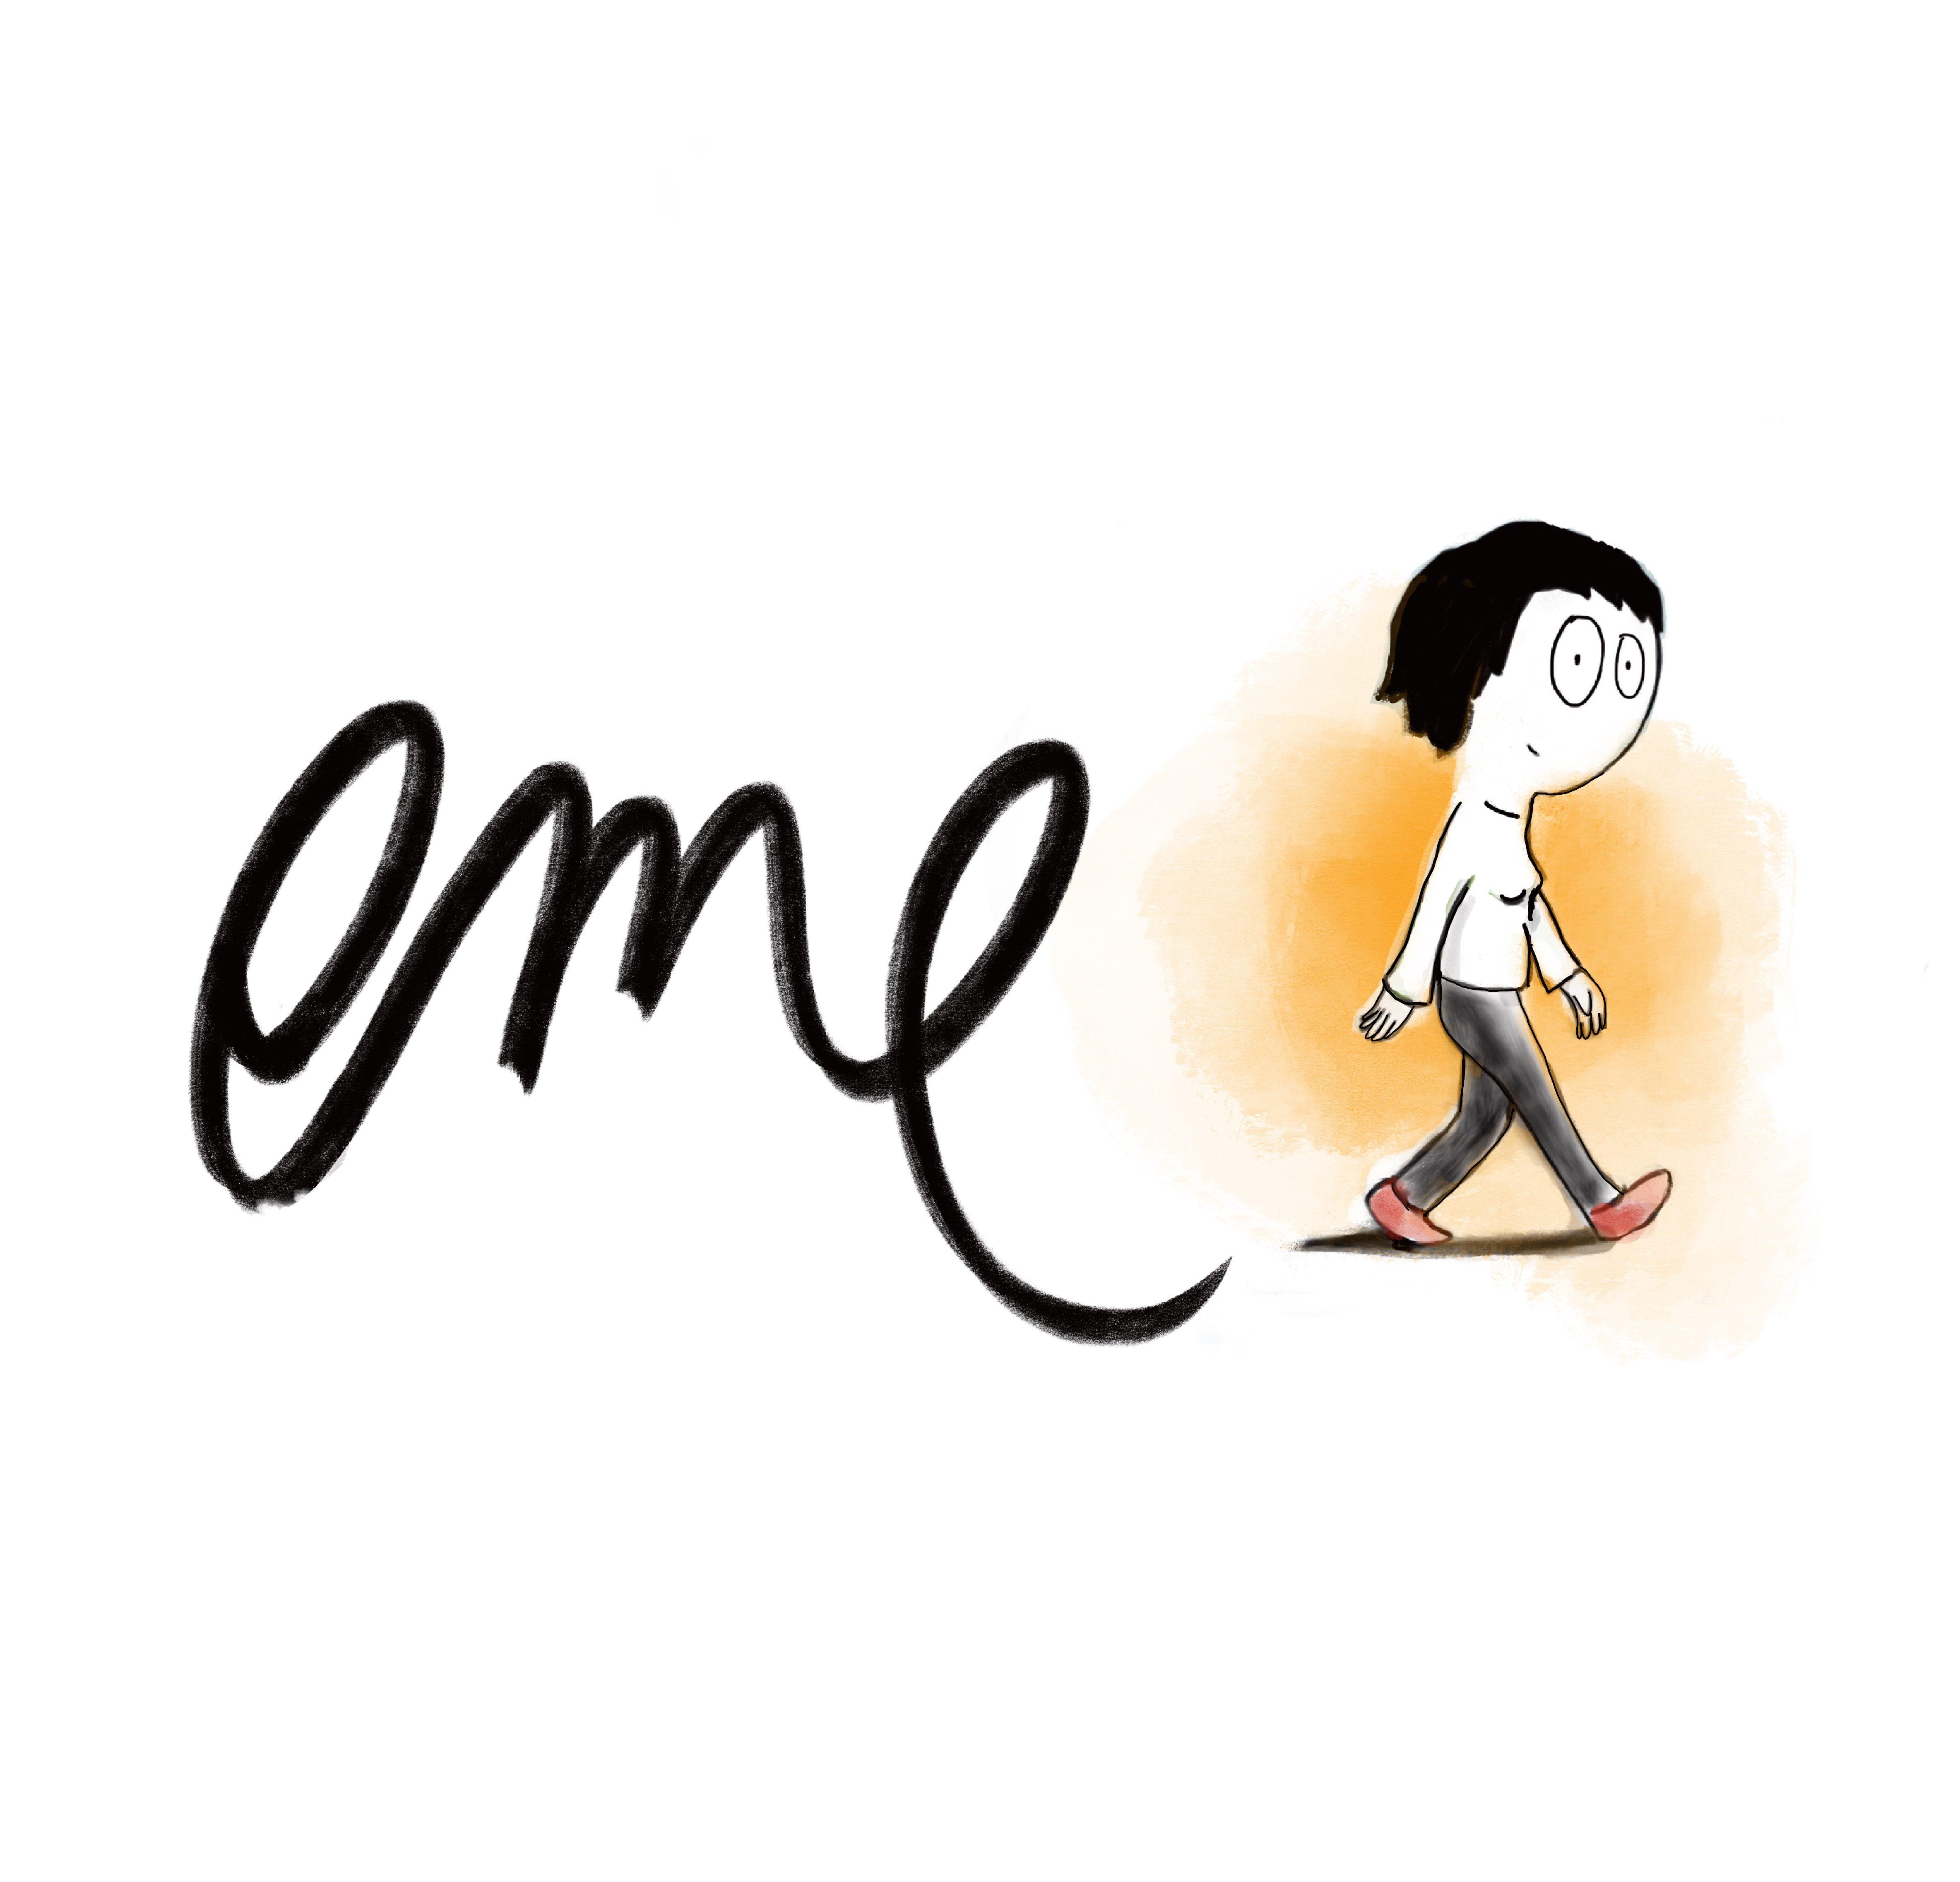 Les dessins d'Eme